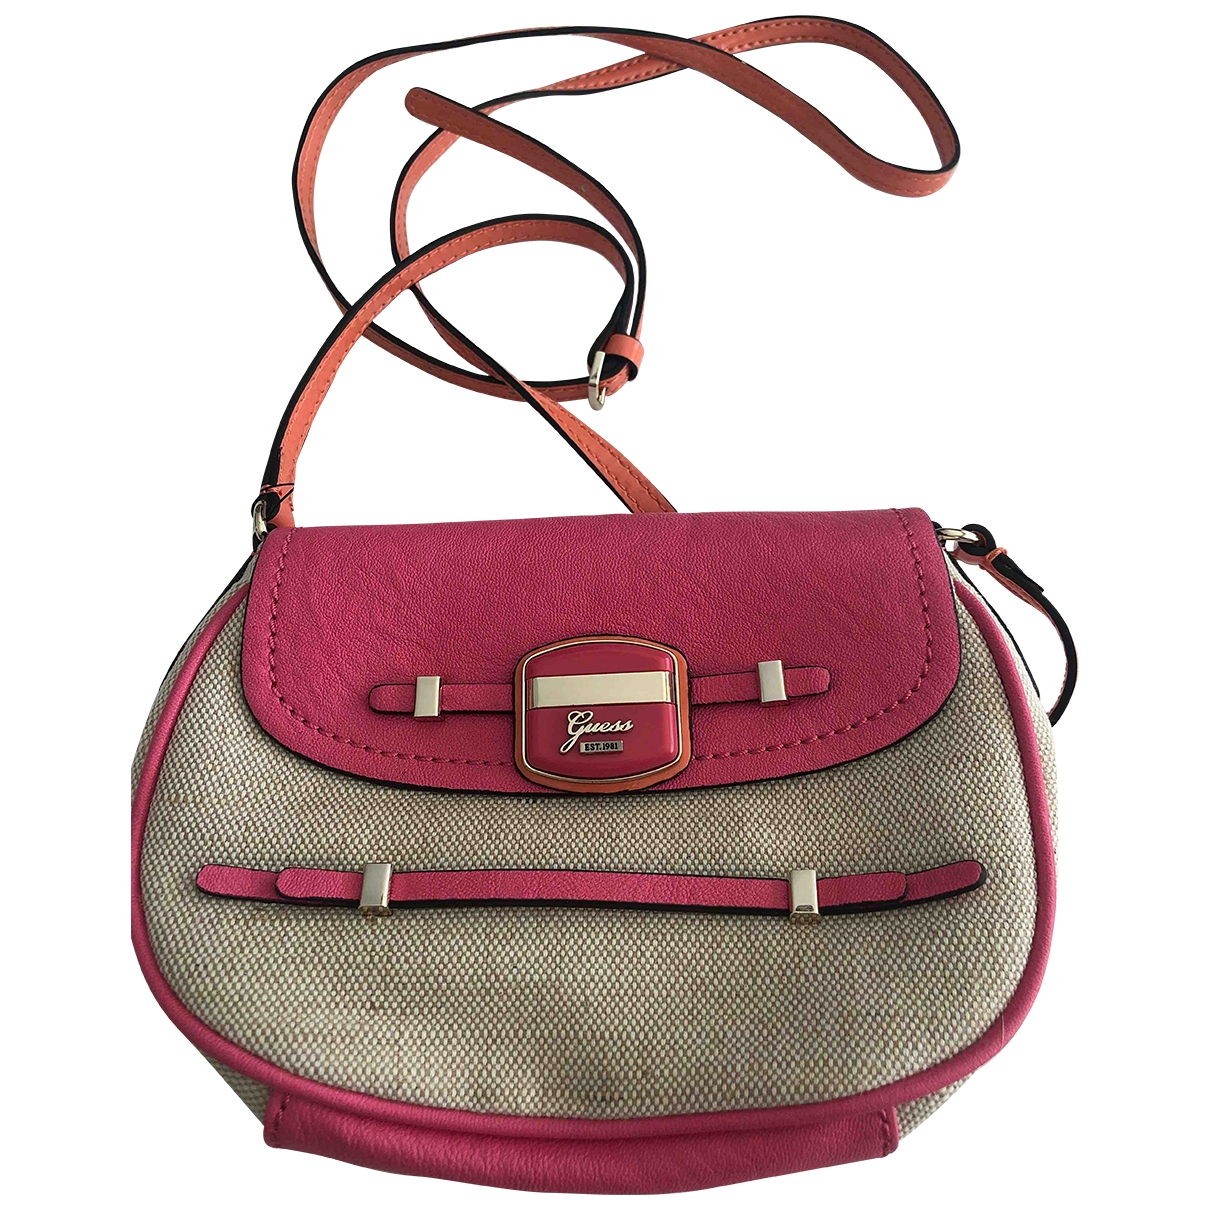 Guess \N Handtasche in  Ecru Leinen